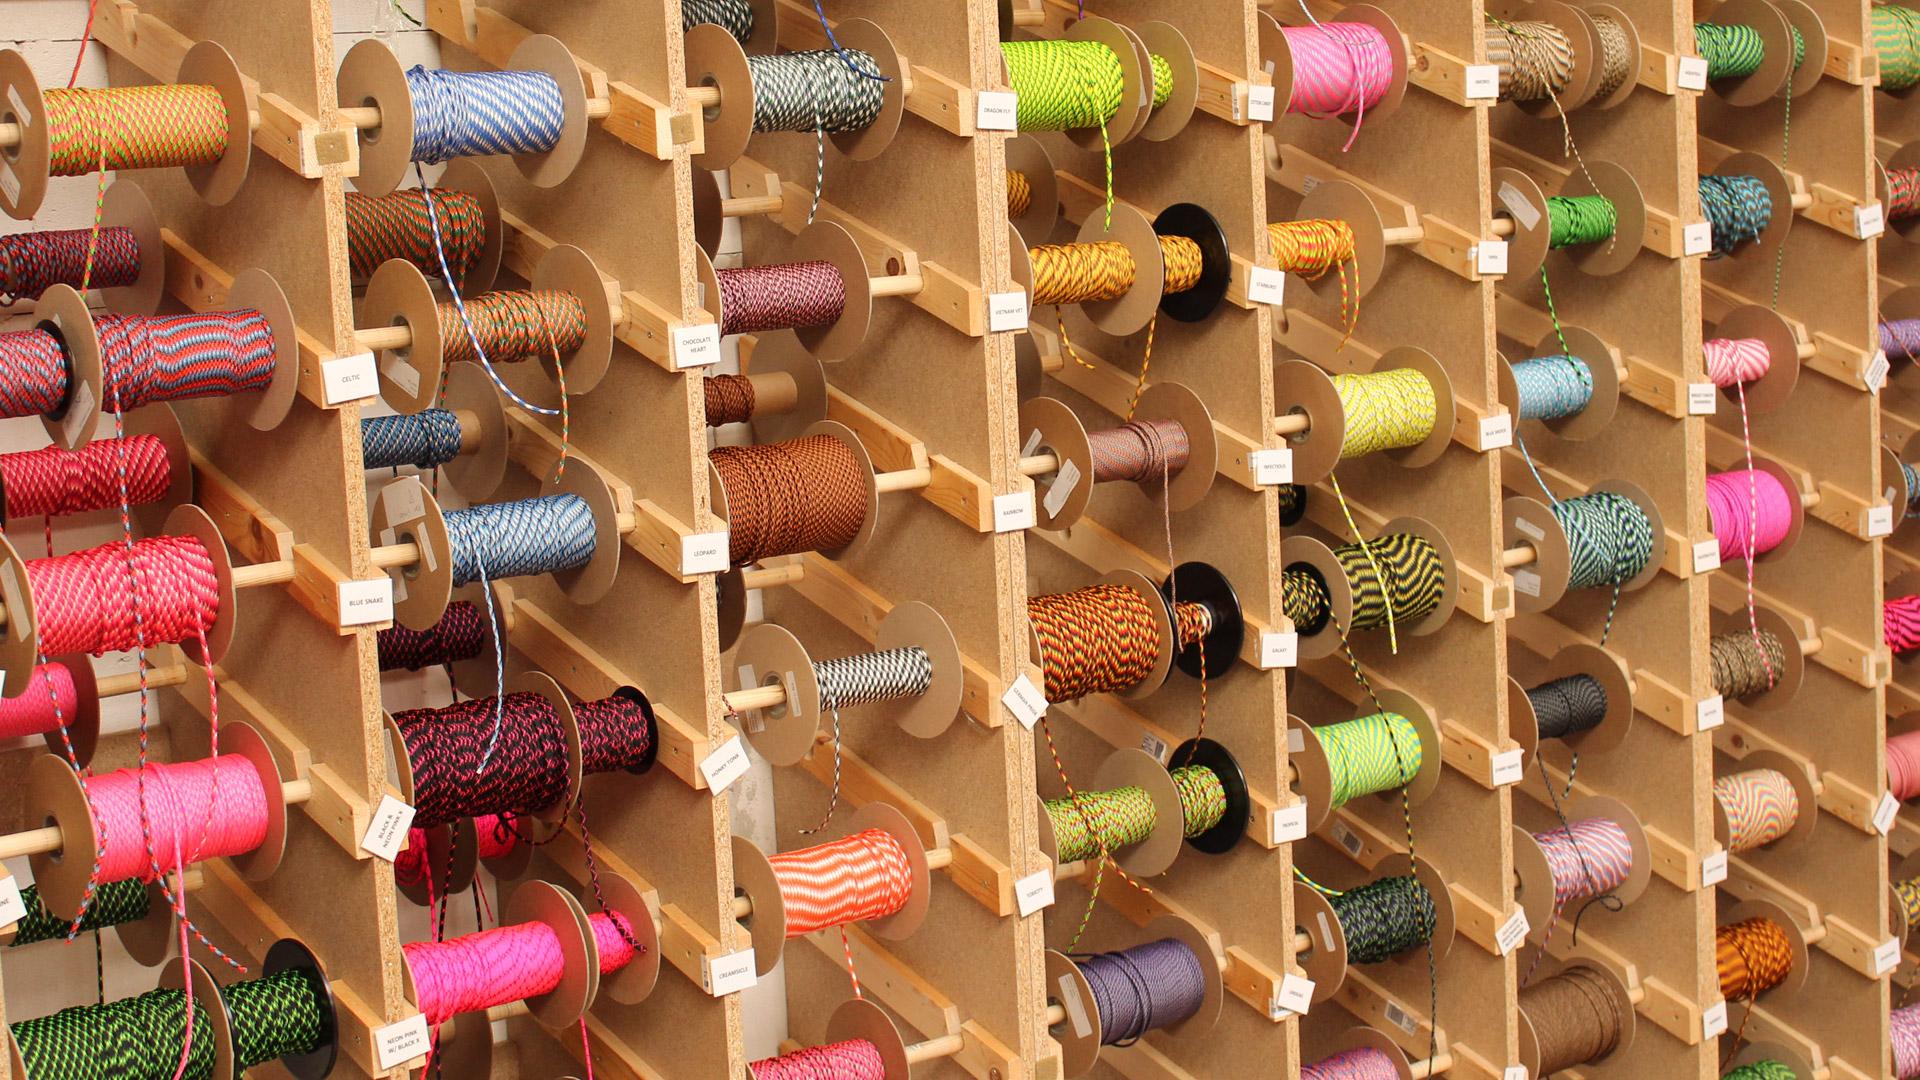 Bunt, bunter Tinker! Aktuell mit ca. 400 verschieden Farben und Mustern